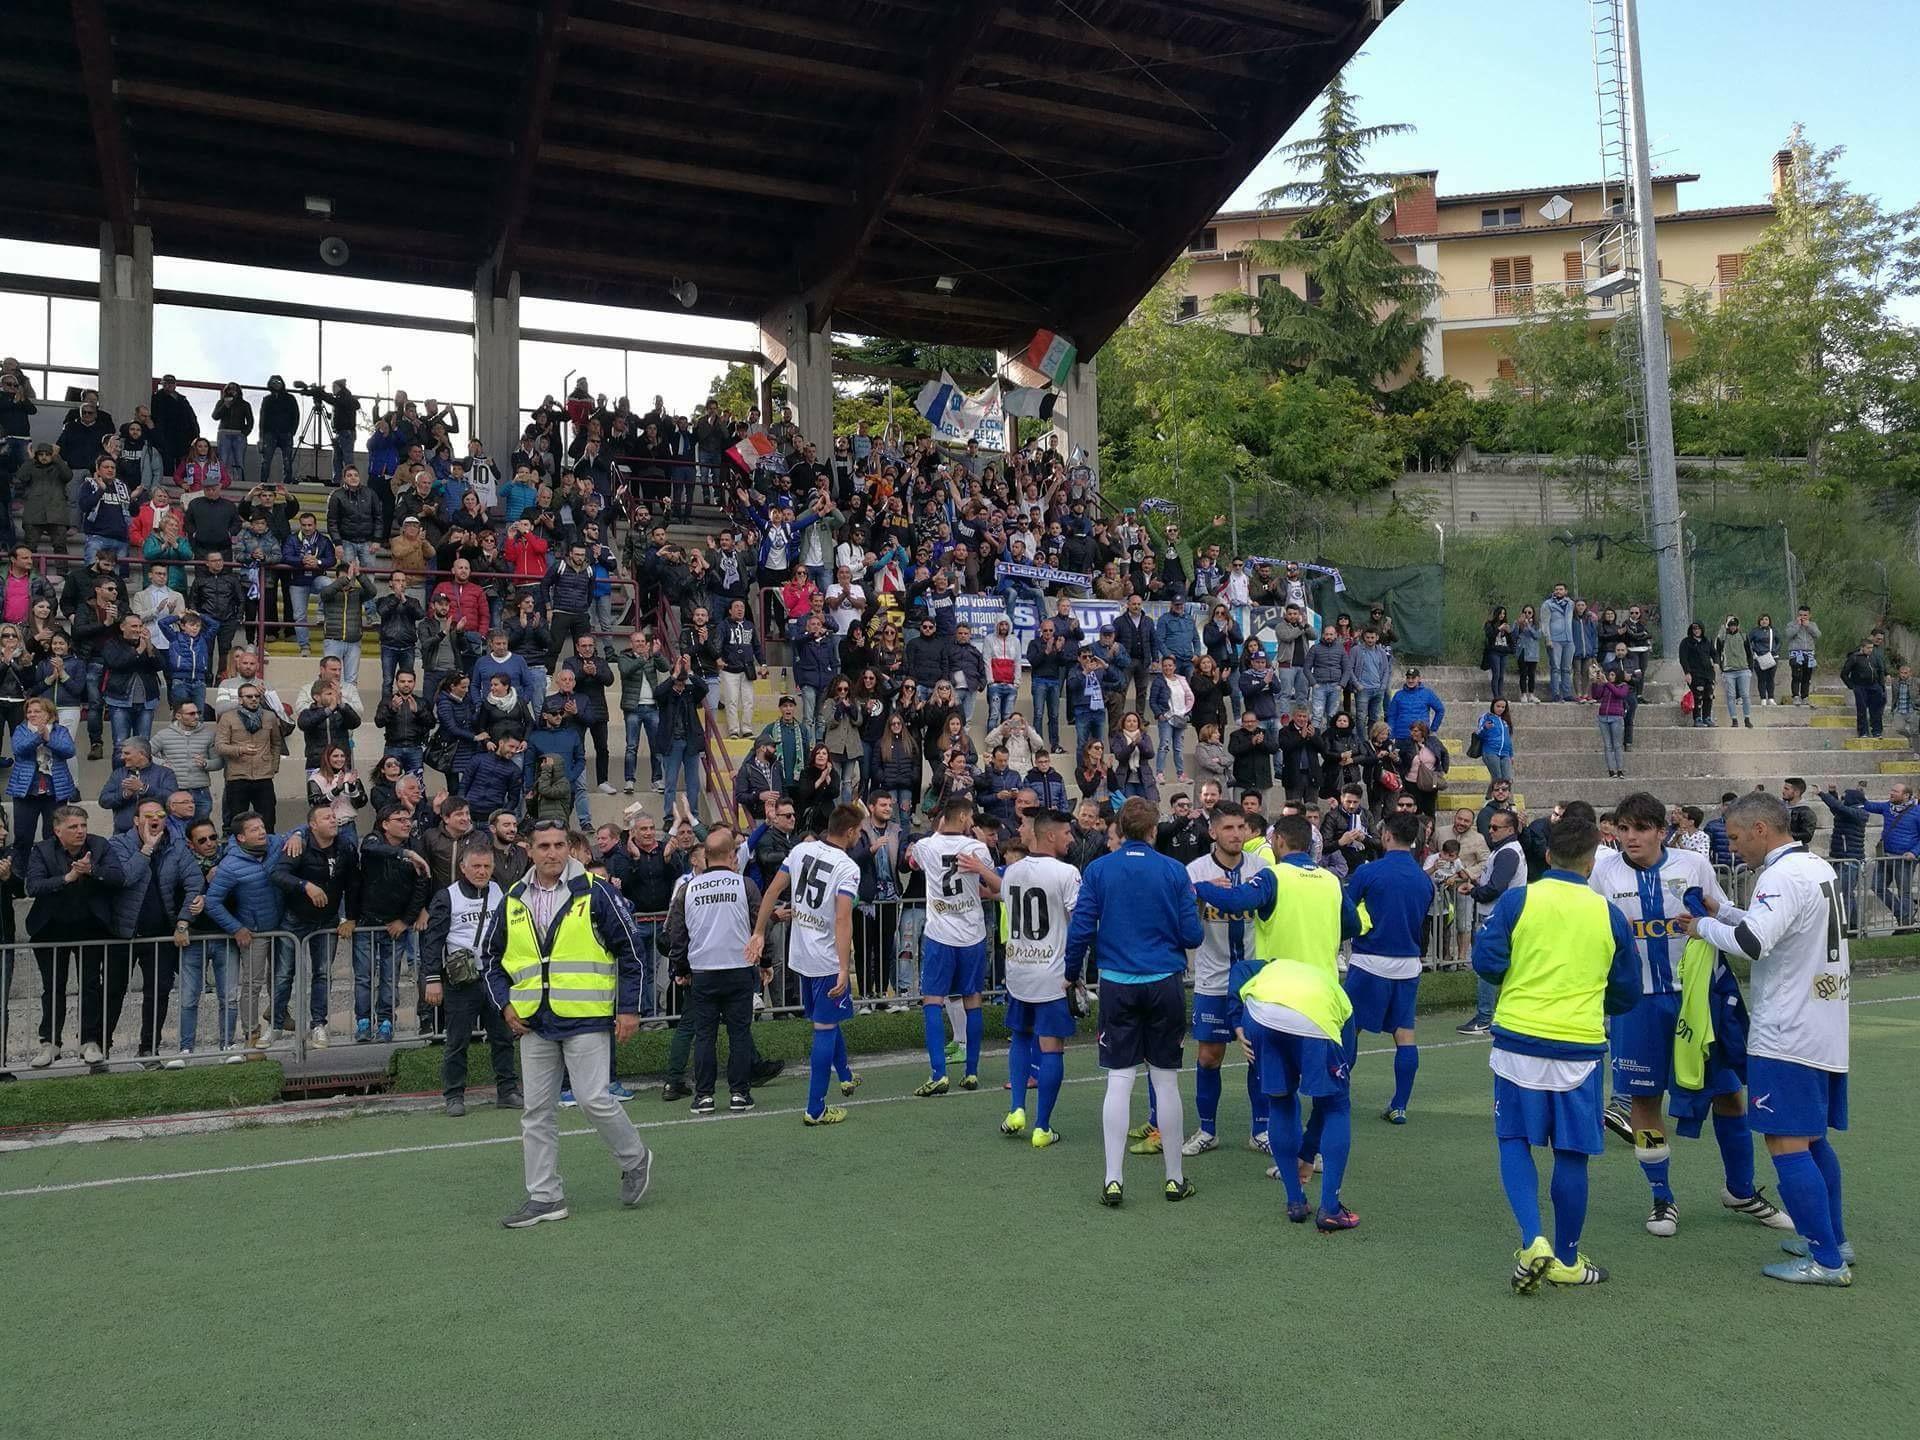 Cervinara la storia ti attende: domani primo round in Sicilia